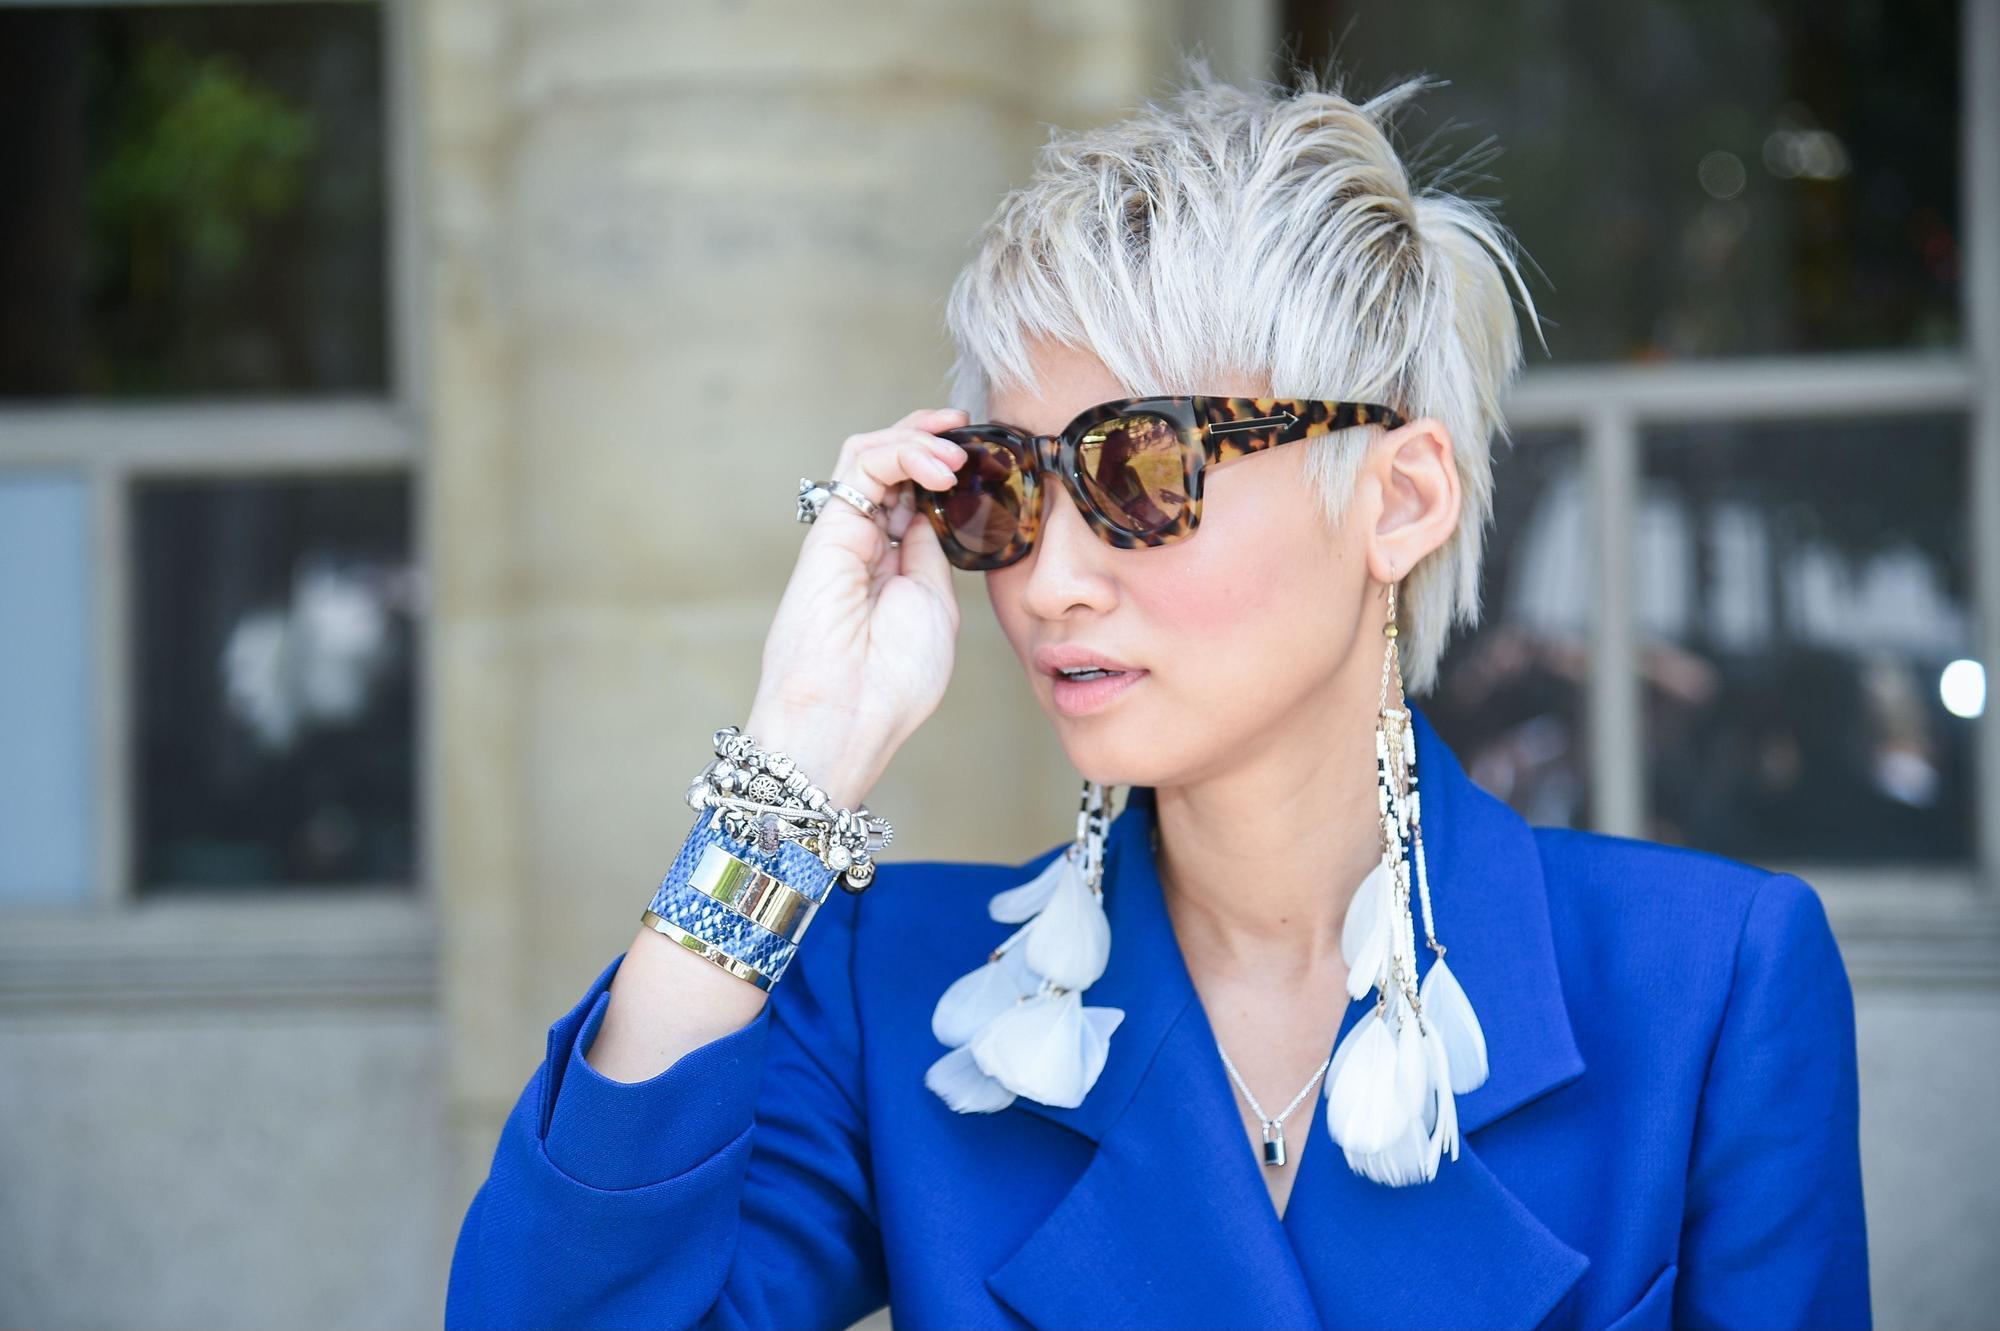 modèle de rue aux cheveux courts et à la coiffure à longue frange, portant des lunettes de soleil et une veste bleue